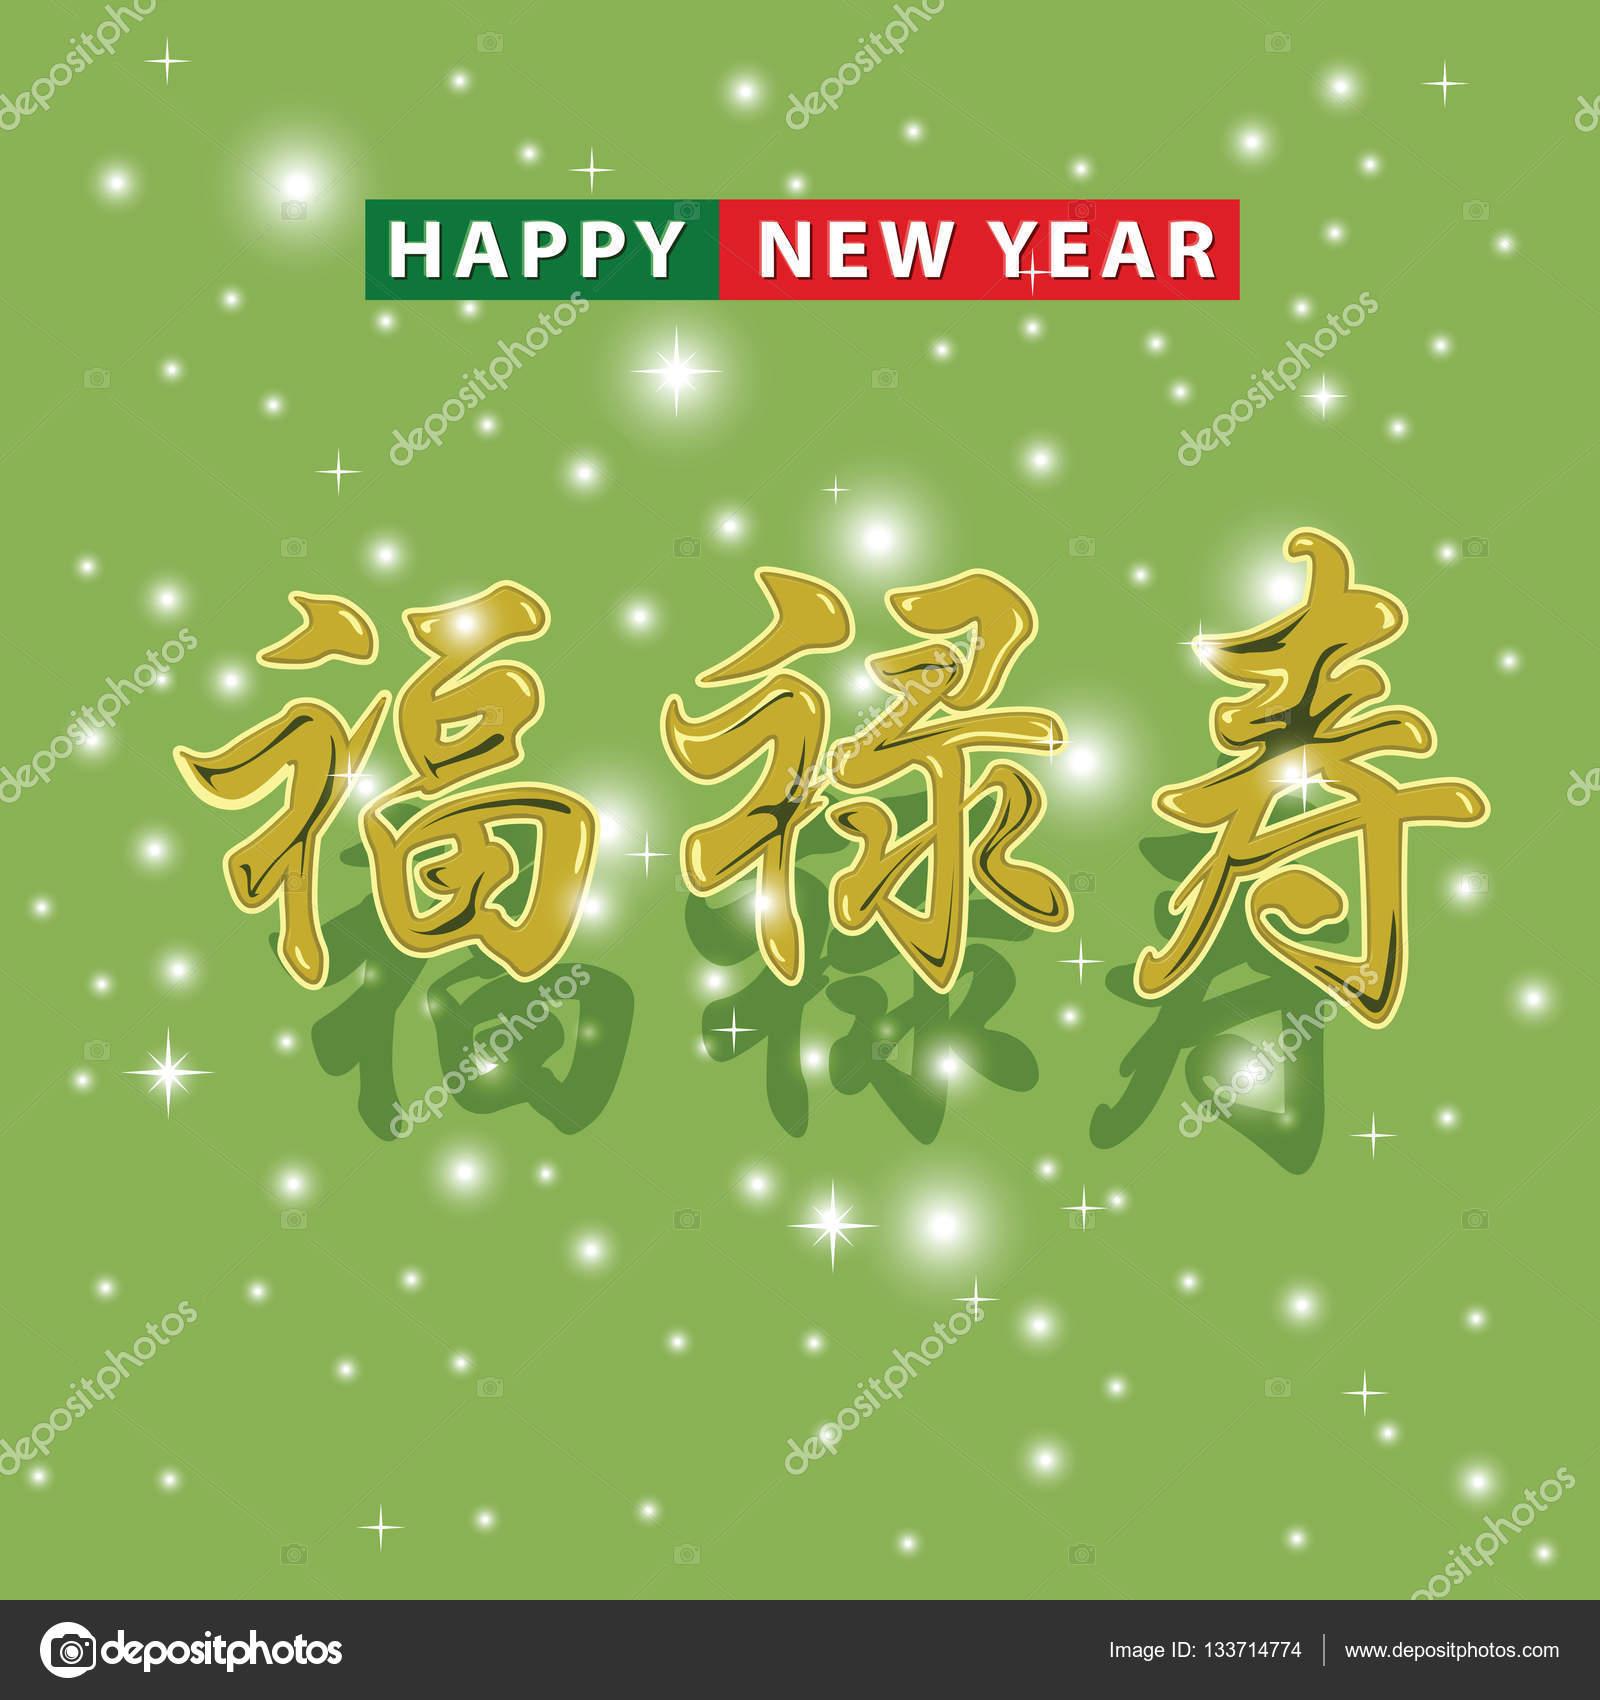 Glückliches neues Jahr Gruß mit Ihnen auf Grünton — Stockvektor ...